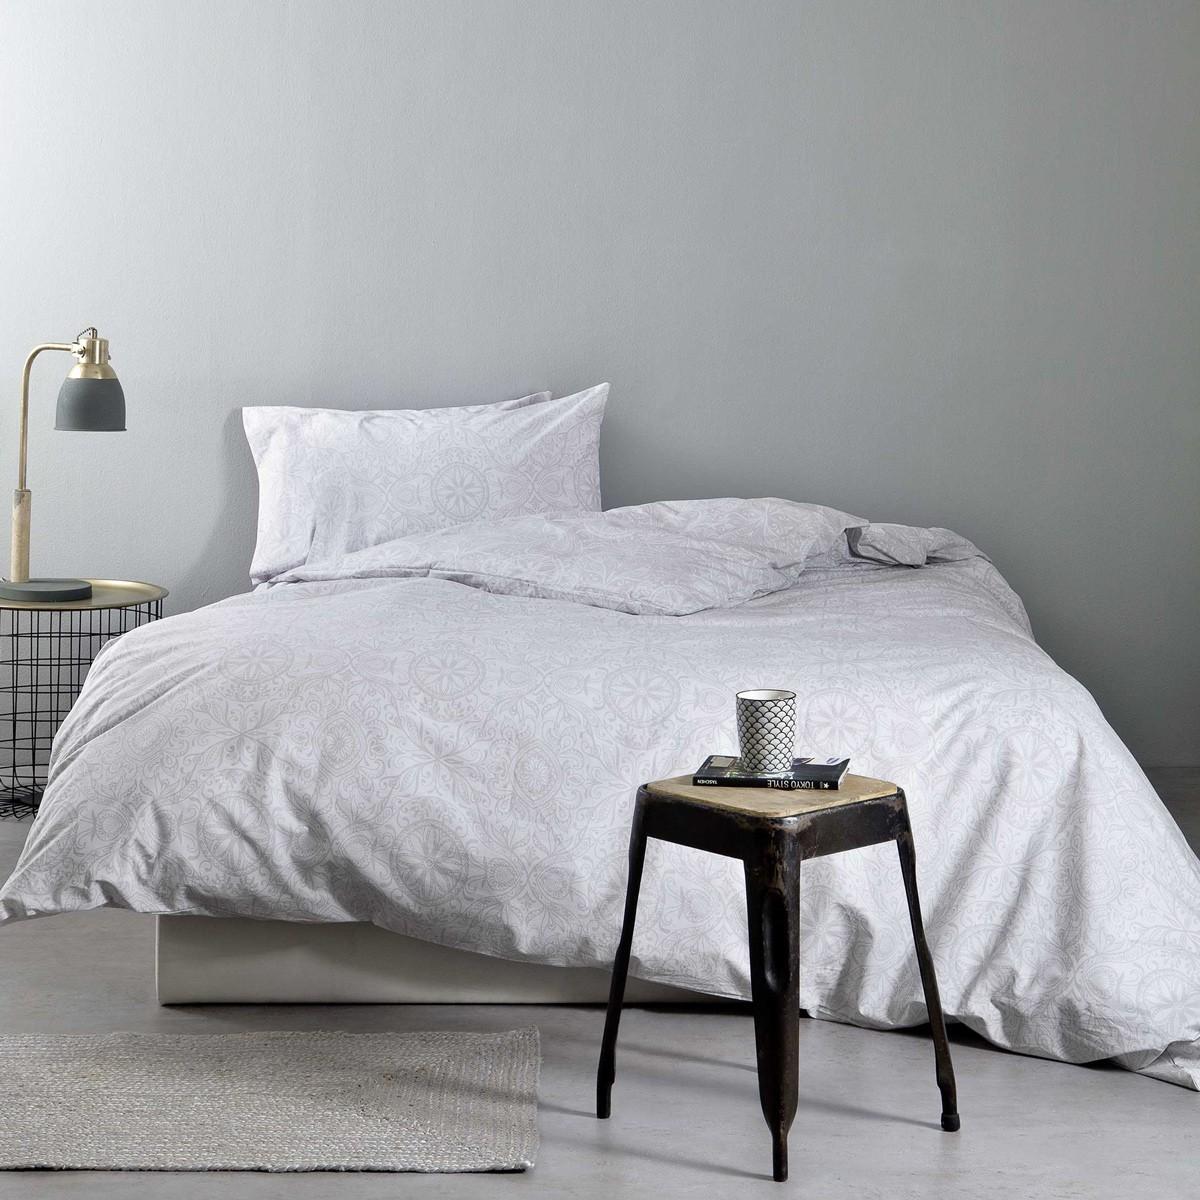 Σεντόνια Υπέρδιπλα (Σετ) Nima Bed Linen Anatolica Grey